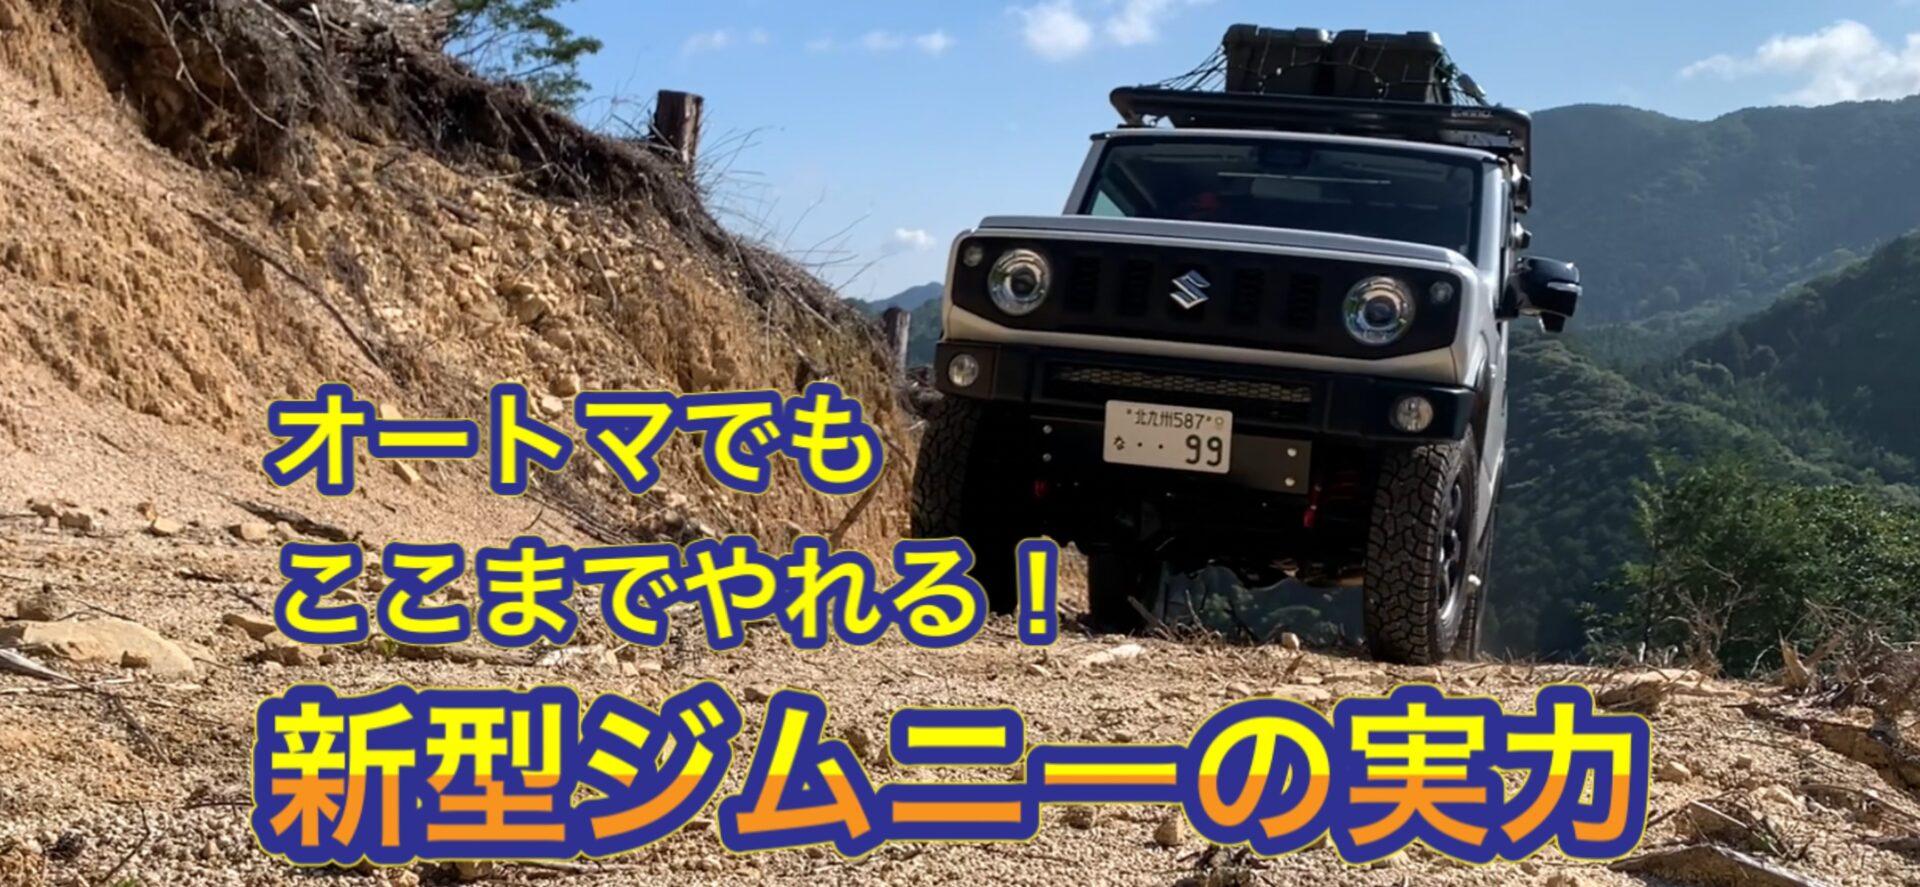 【新型ジムニーの実力】オートマでもオンロードだけでなくオフロード、林道走行、悪路走行もやれる!